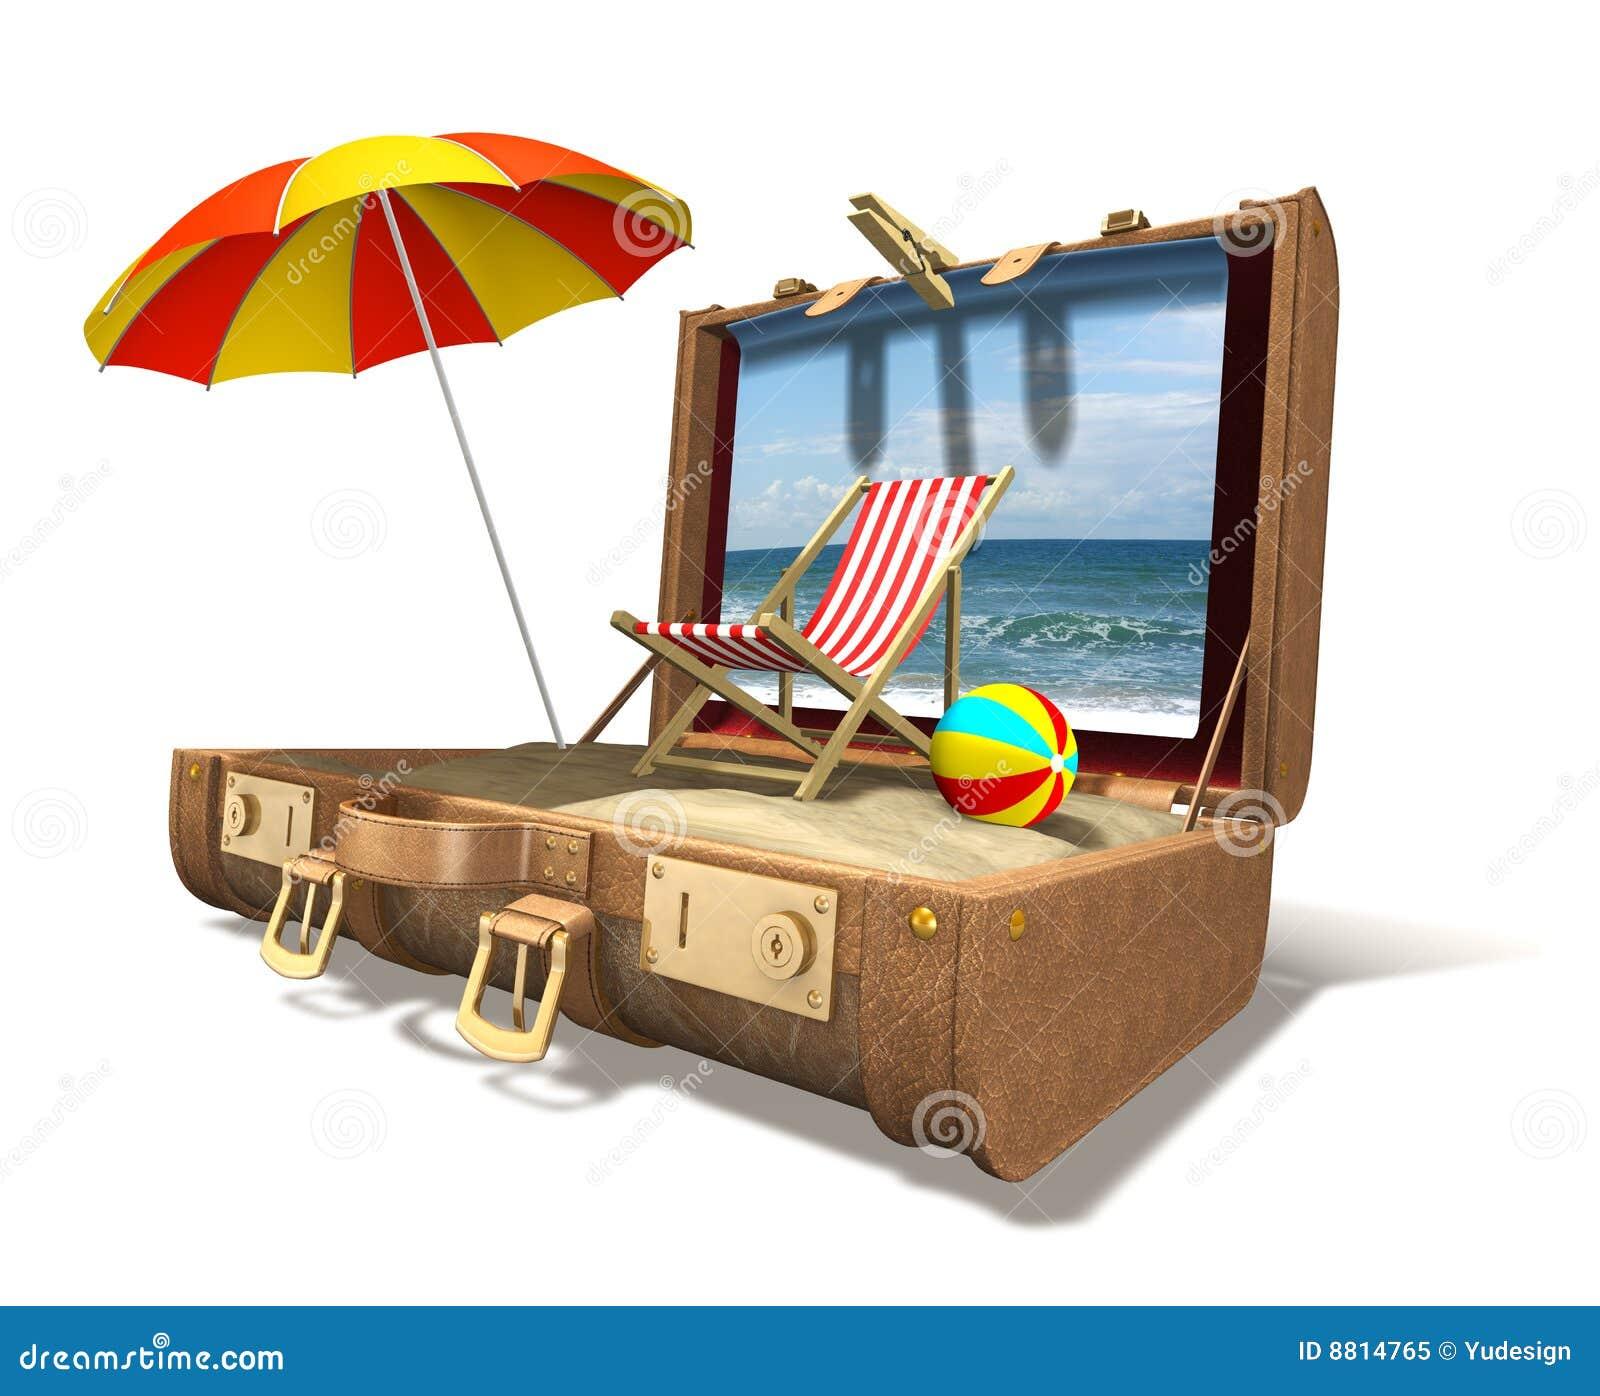 Strandstuhl, -regenschirm und -sand im Großen Koffer